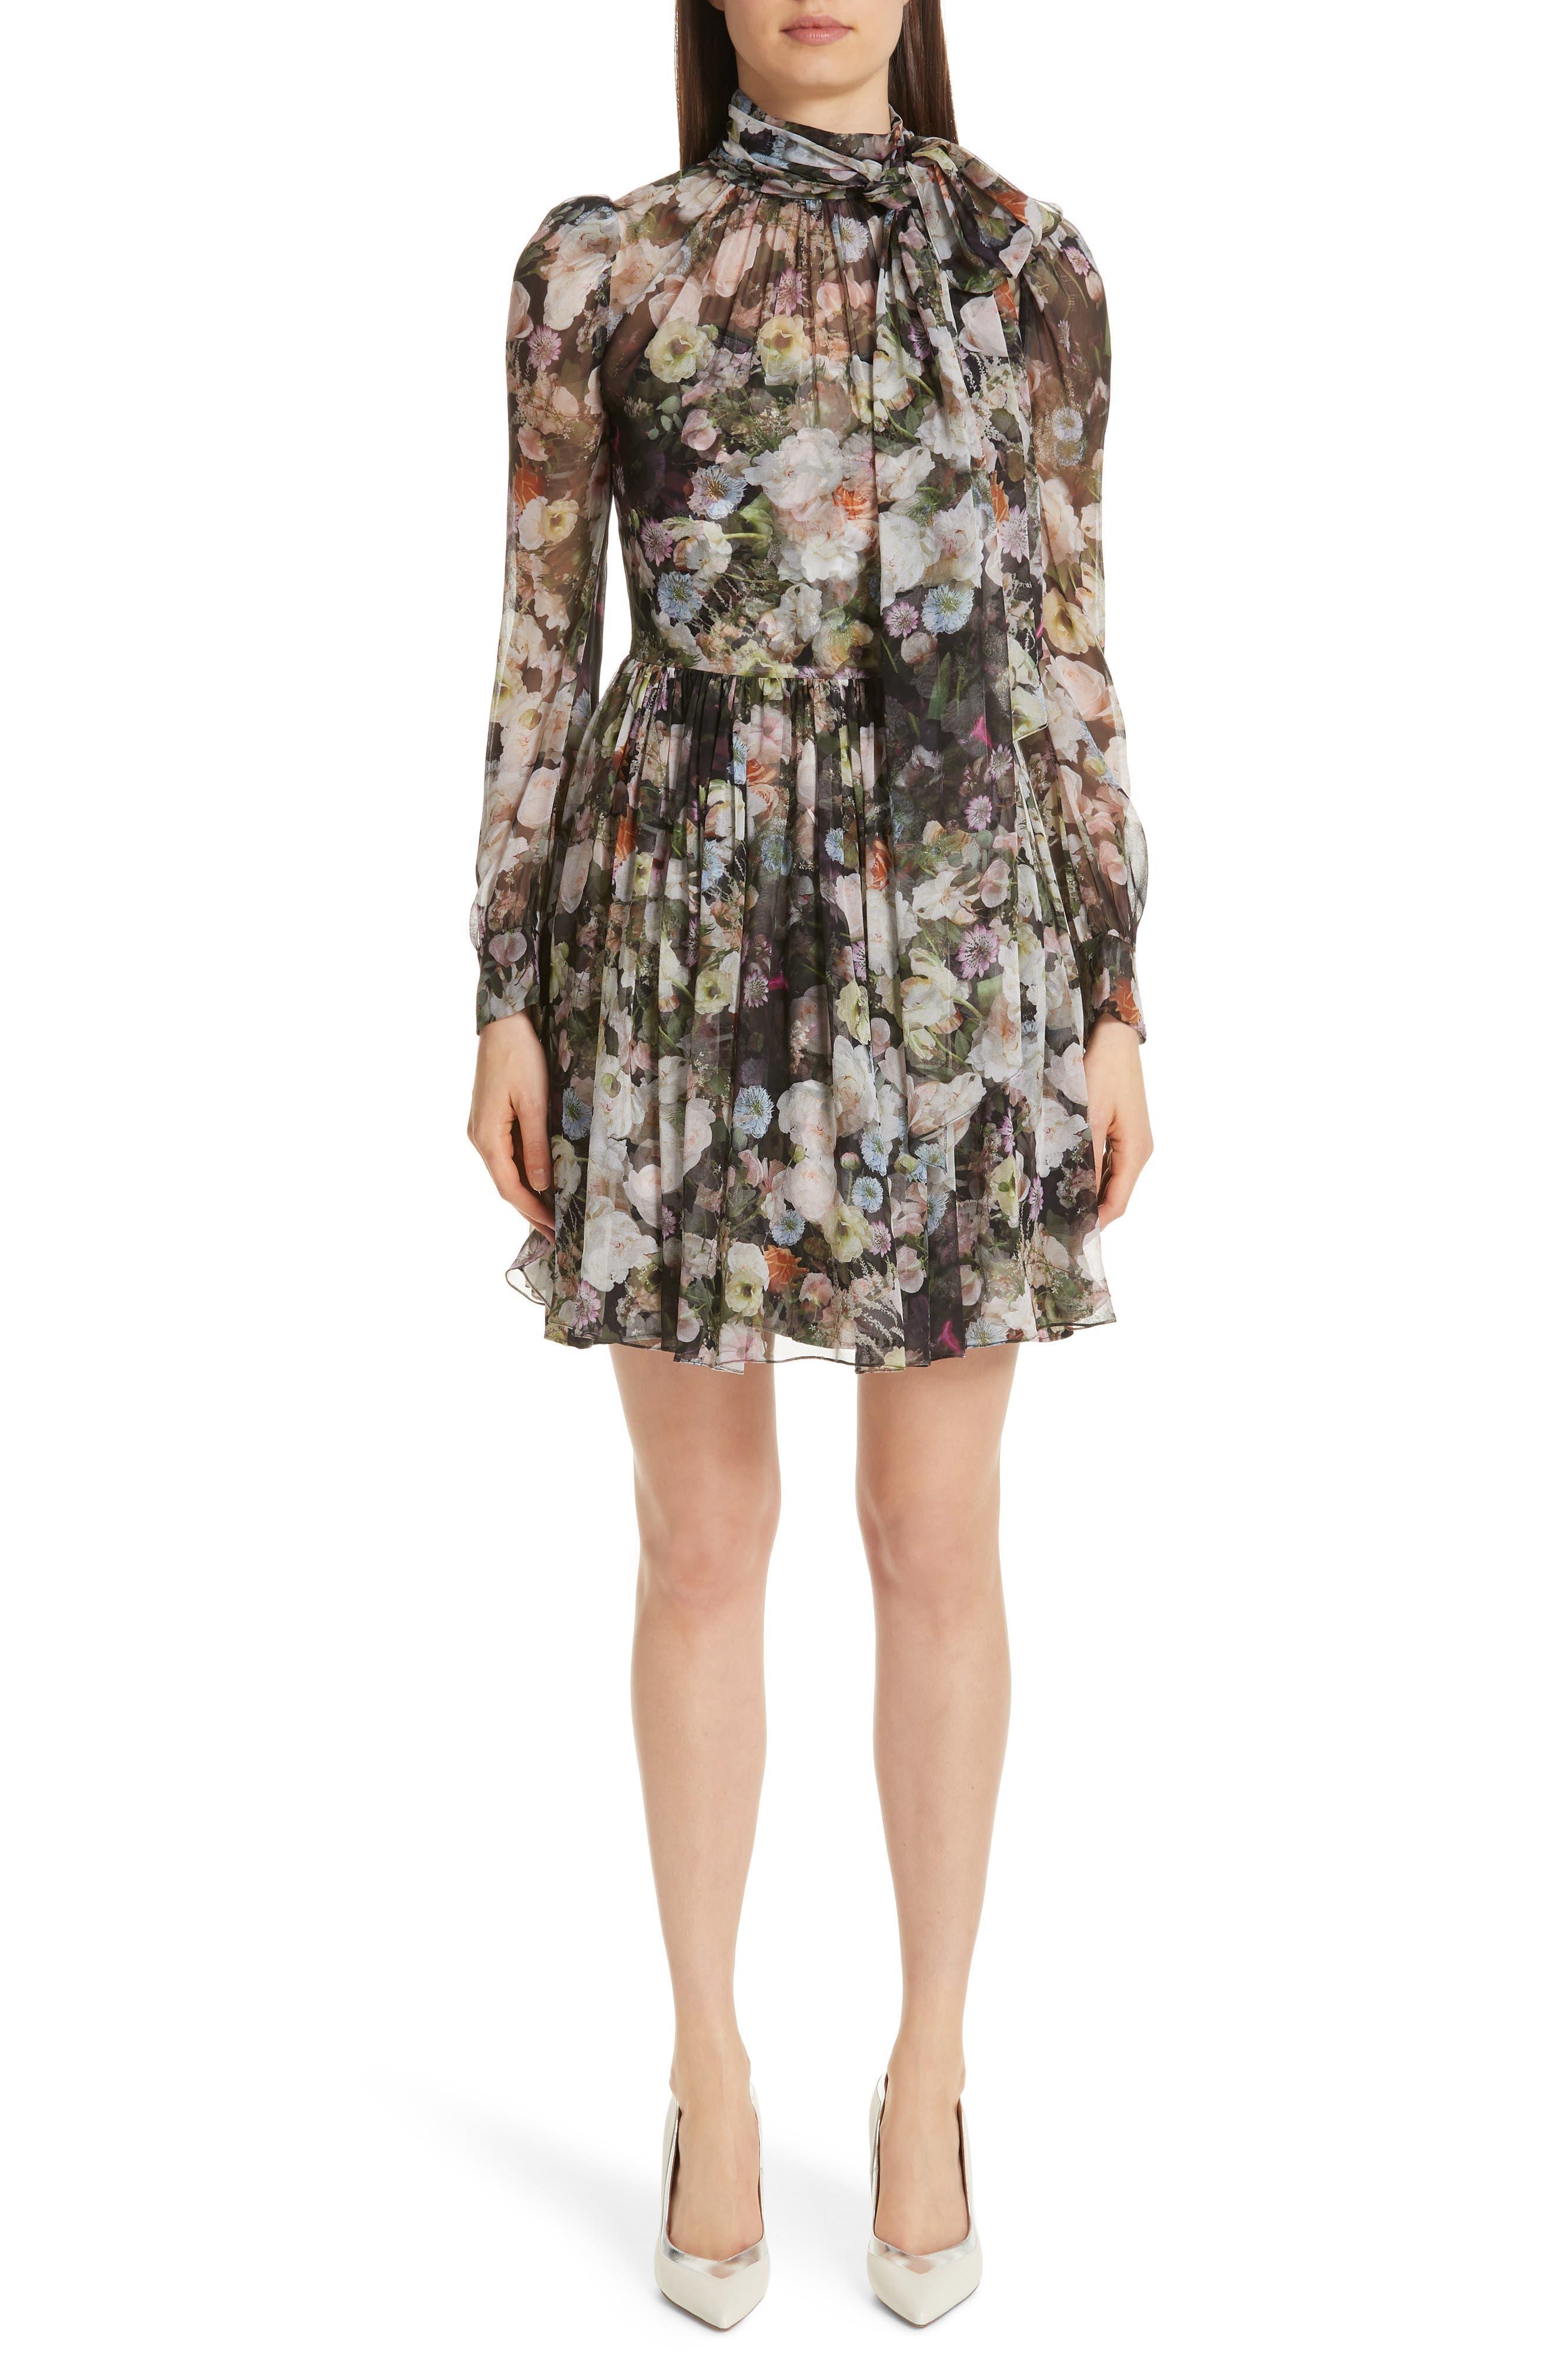 Adam Lippes Floral Print Silk Chiffon Dress